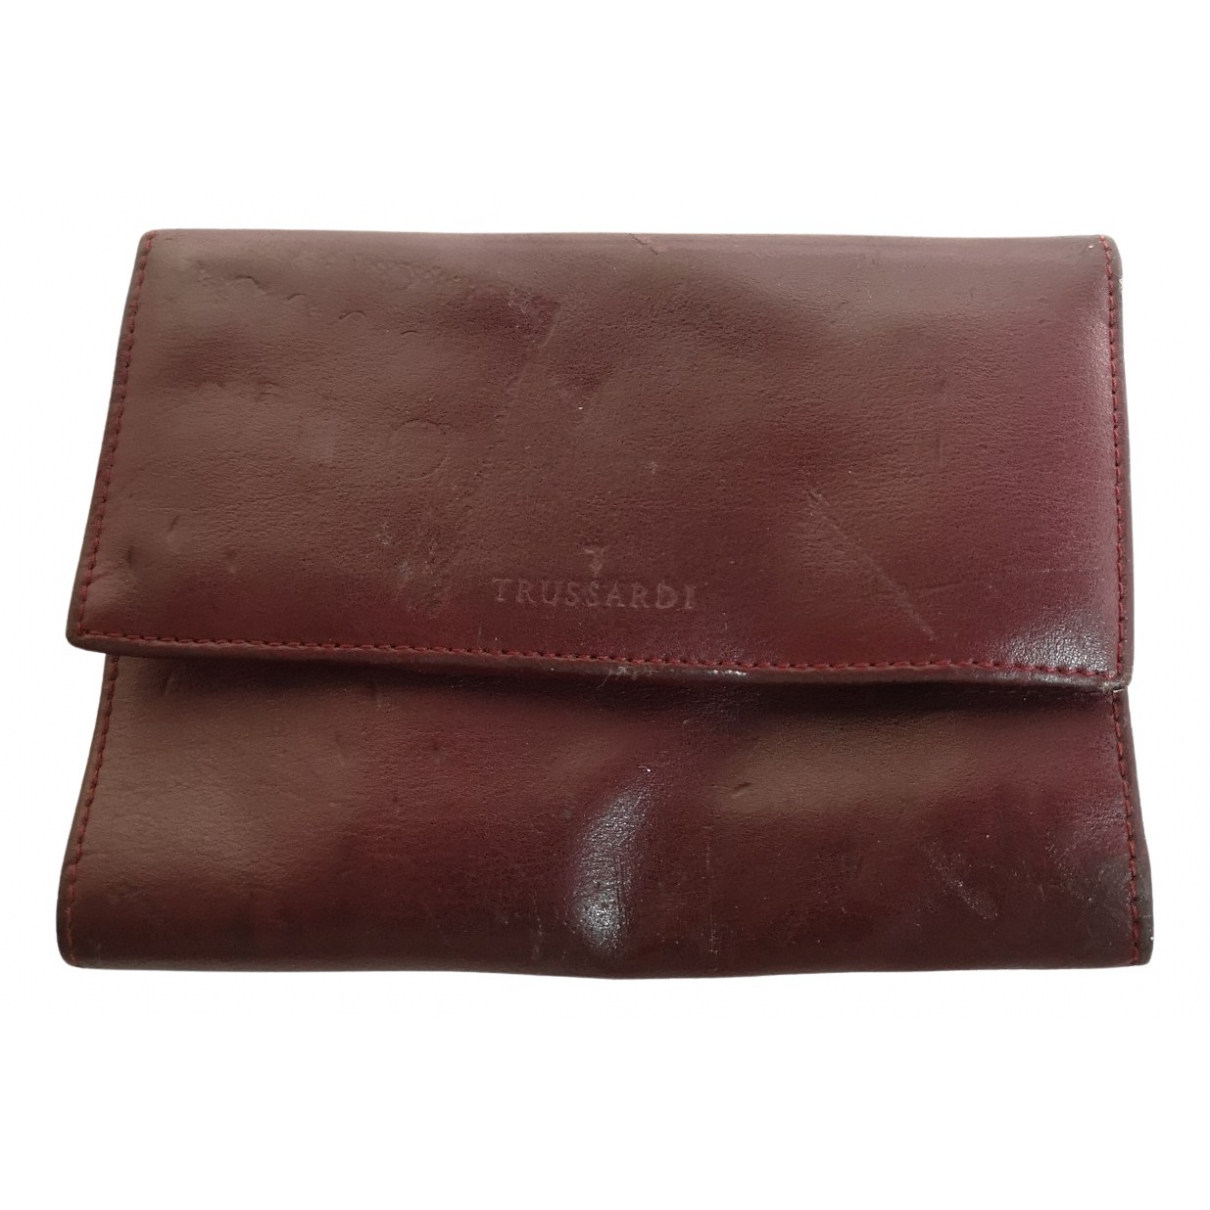 Trussardi - Portefeuille   pour femme en cuir - bordeaux